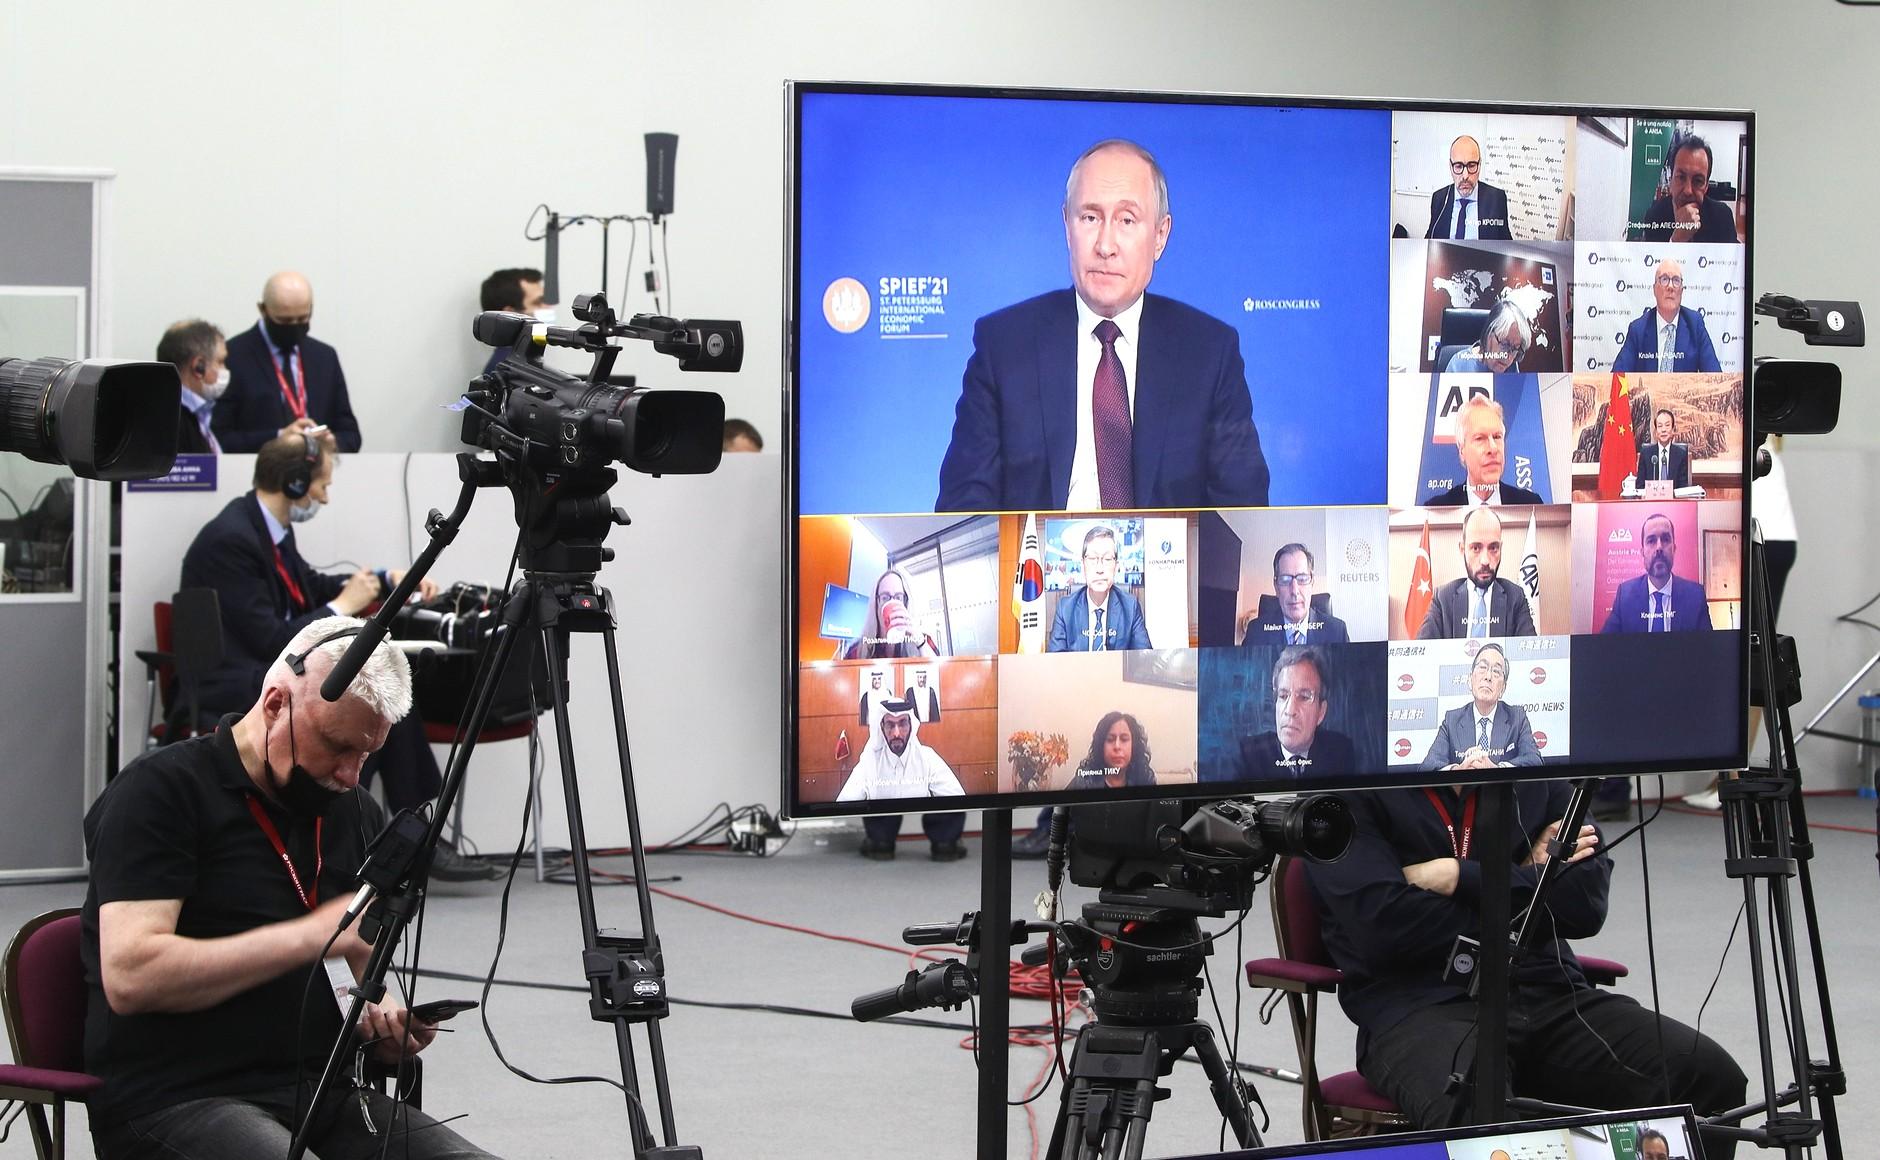 普京回答各国媒体新闻会时的直播画面(克里姆林网站)